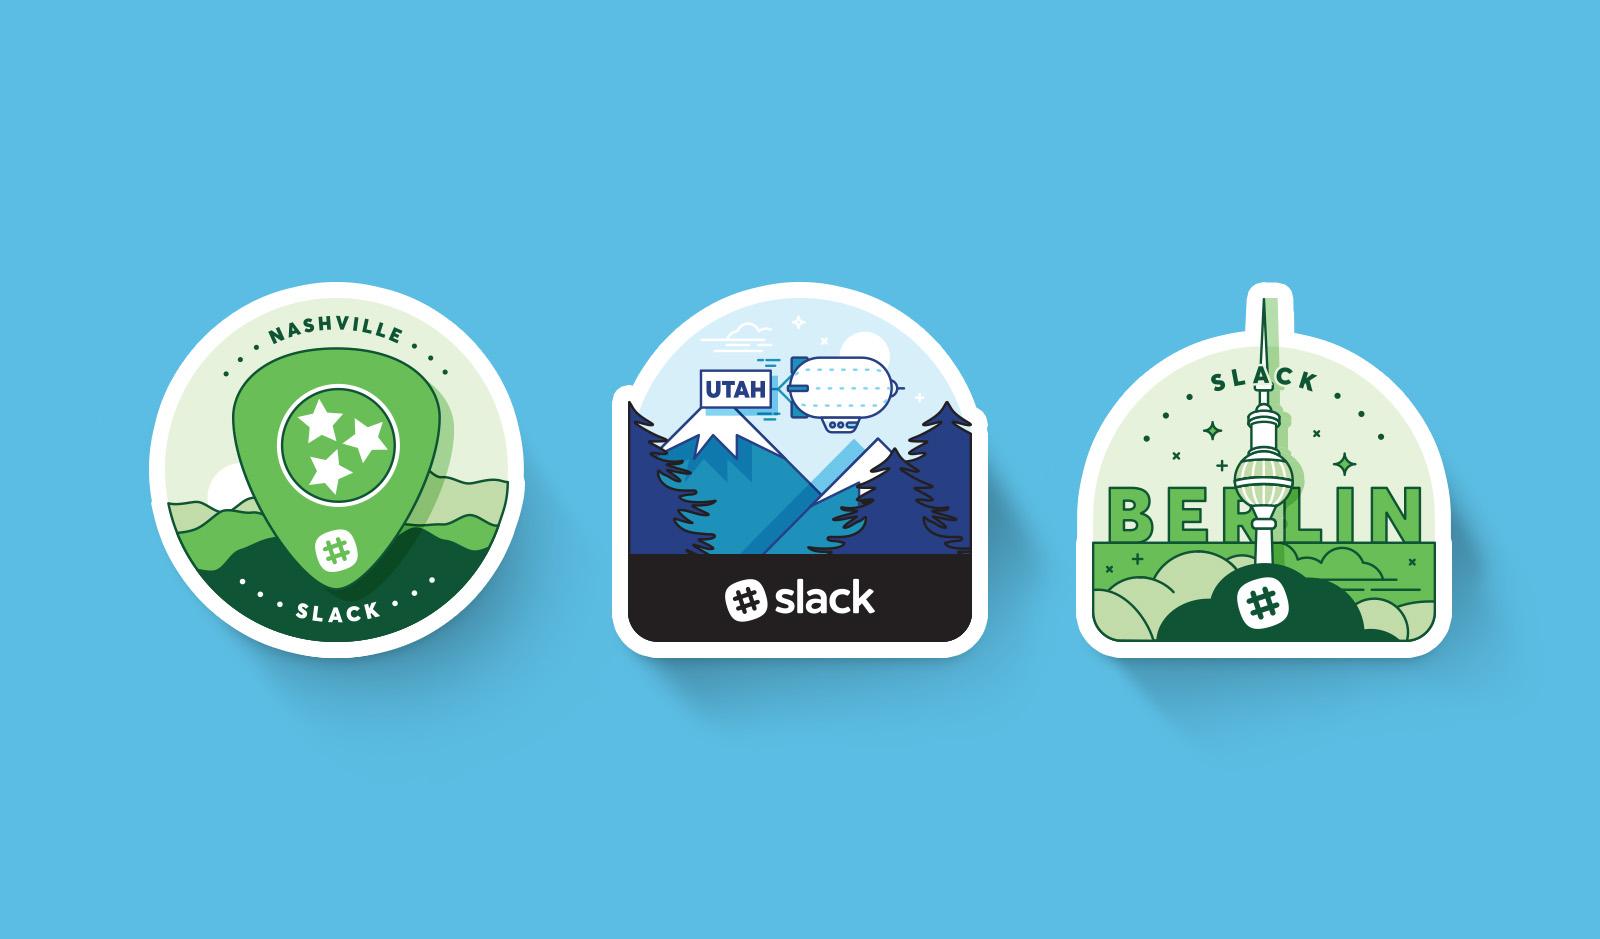 Slack Nashville Salt Lake City and Berlin sticker badges